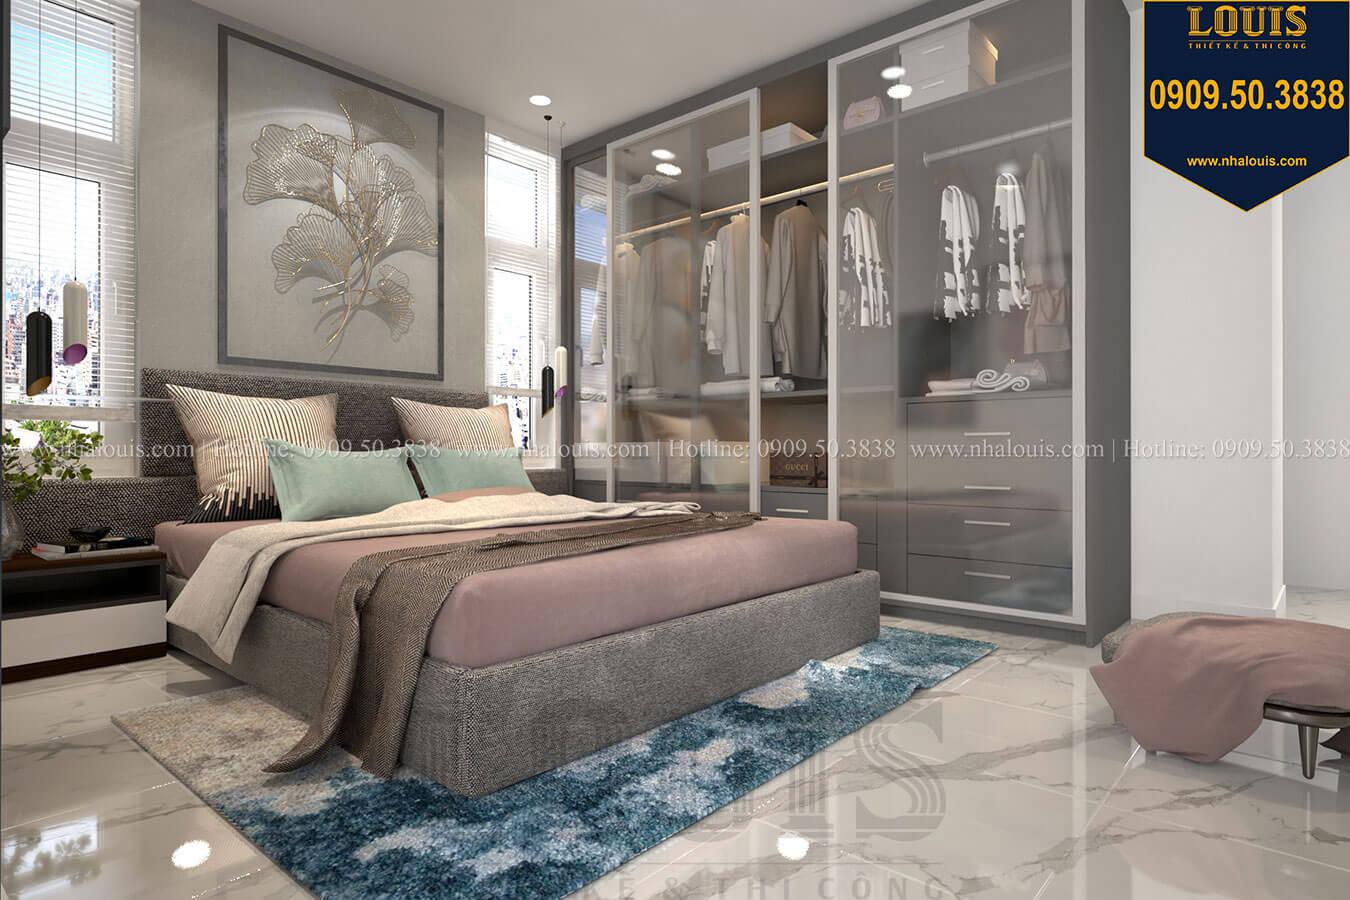 Phòng ngủ Thiết kế biệt thự 3 tầng hiện đại mặt tiền 10m tại Cần Thơ - 21